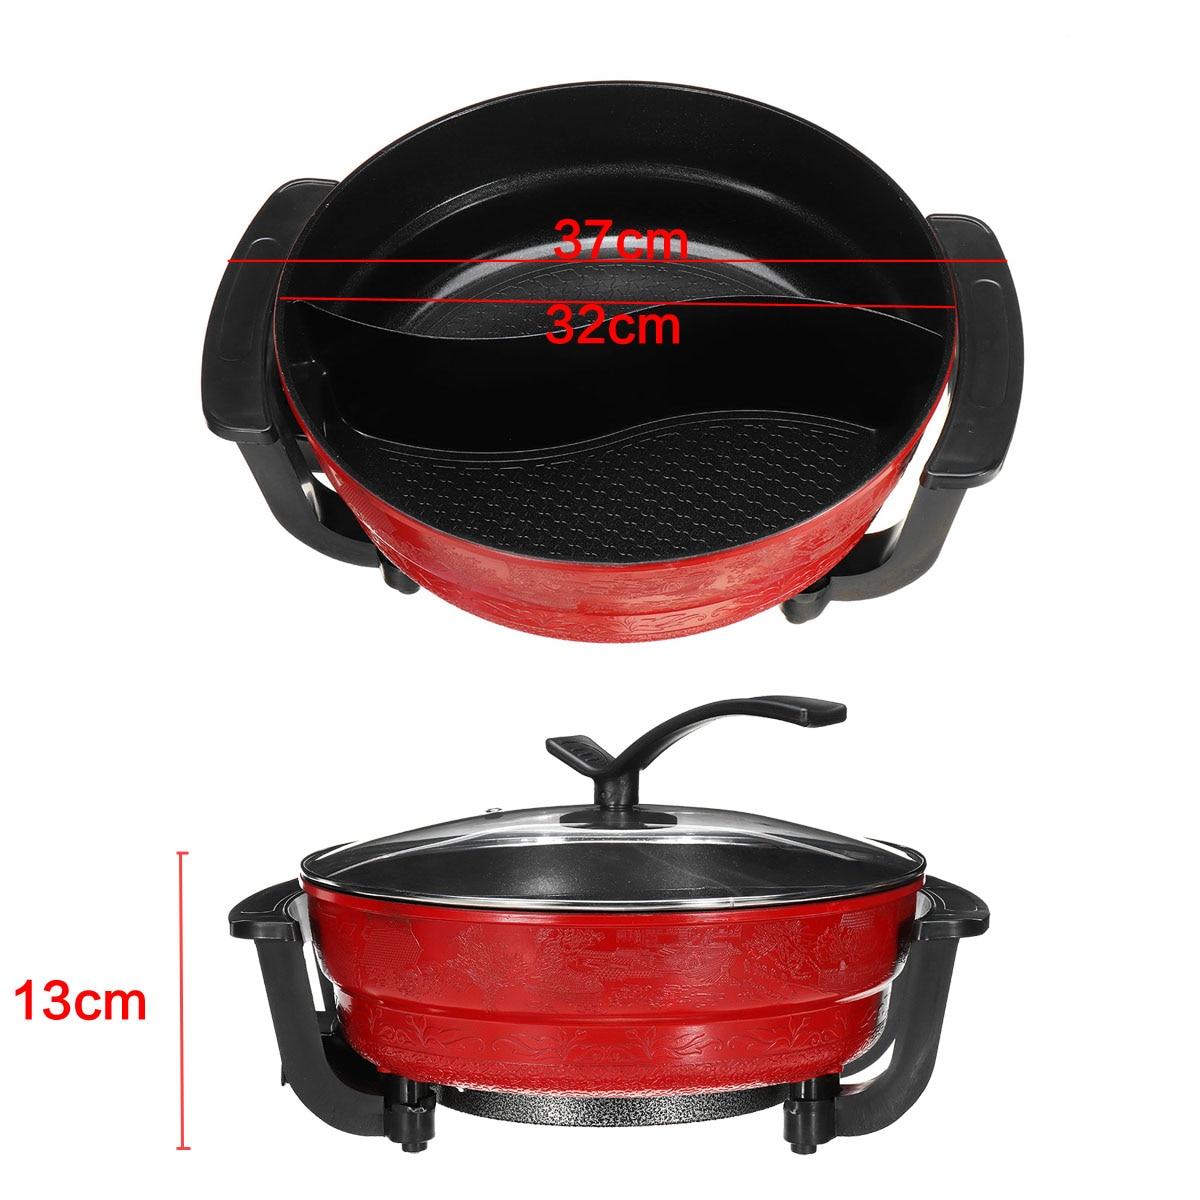 220 V 1300 W 6L électrique Hot Pot 32 cm cuisine soupe marmite ustensiles de cuisine antiadhésif pour cuisinières à Induction marmite - 5